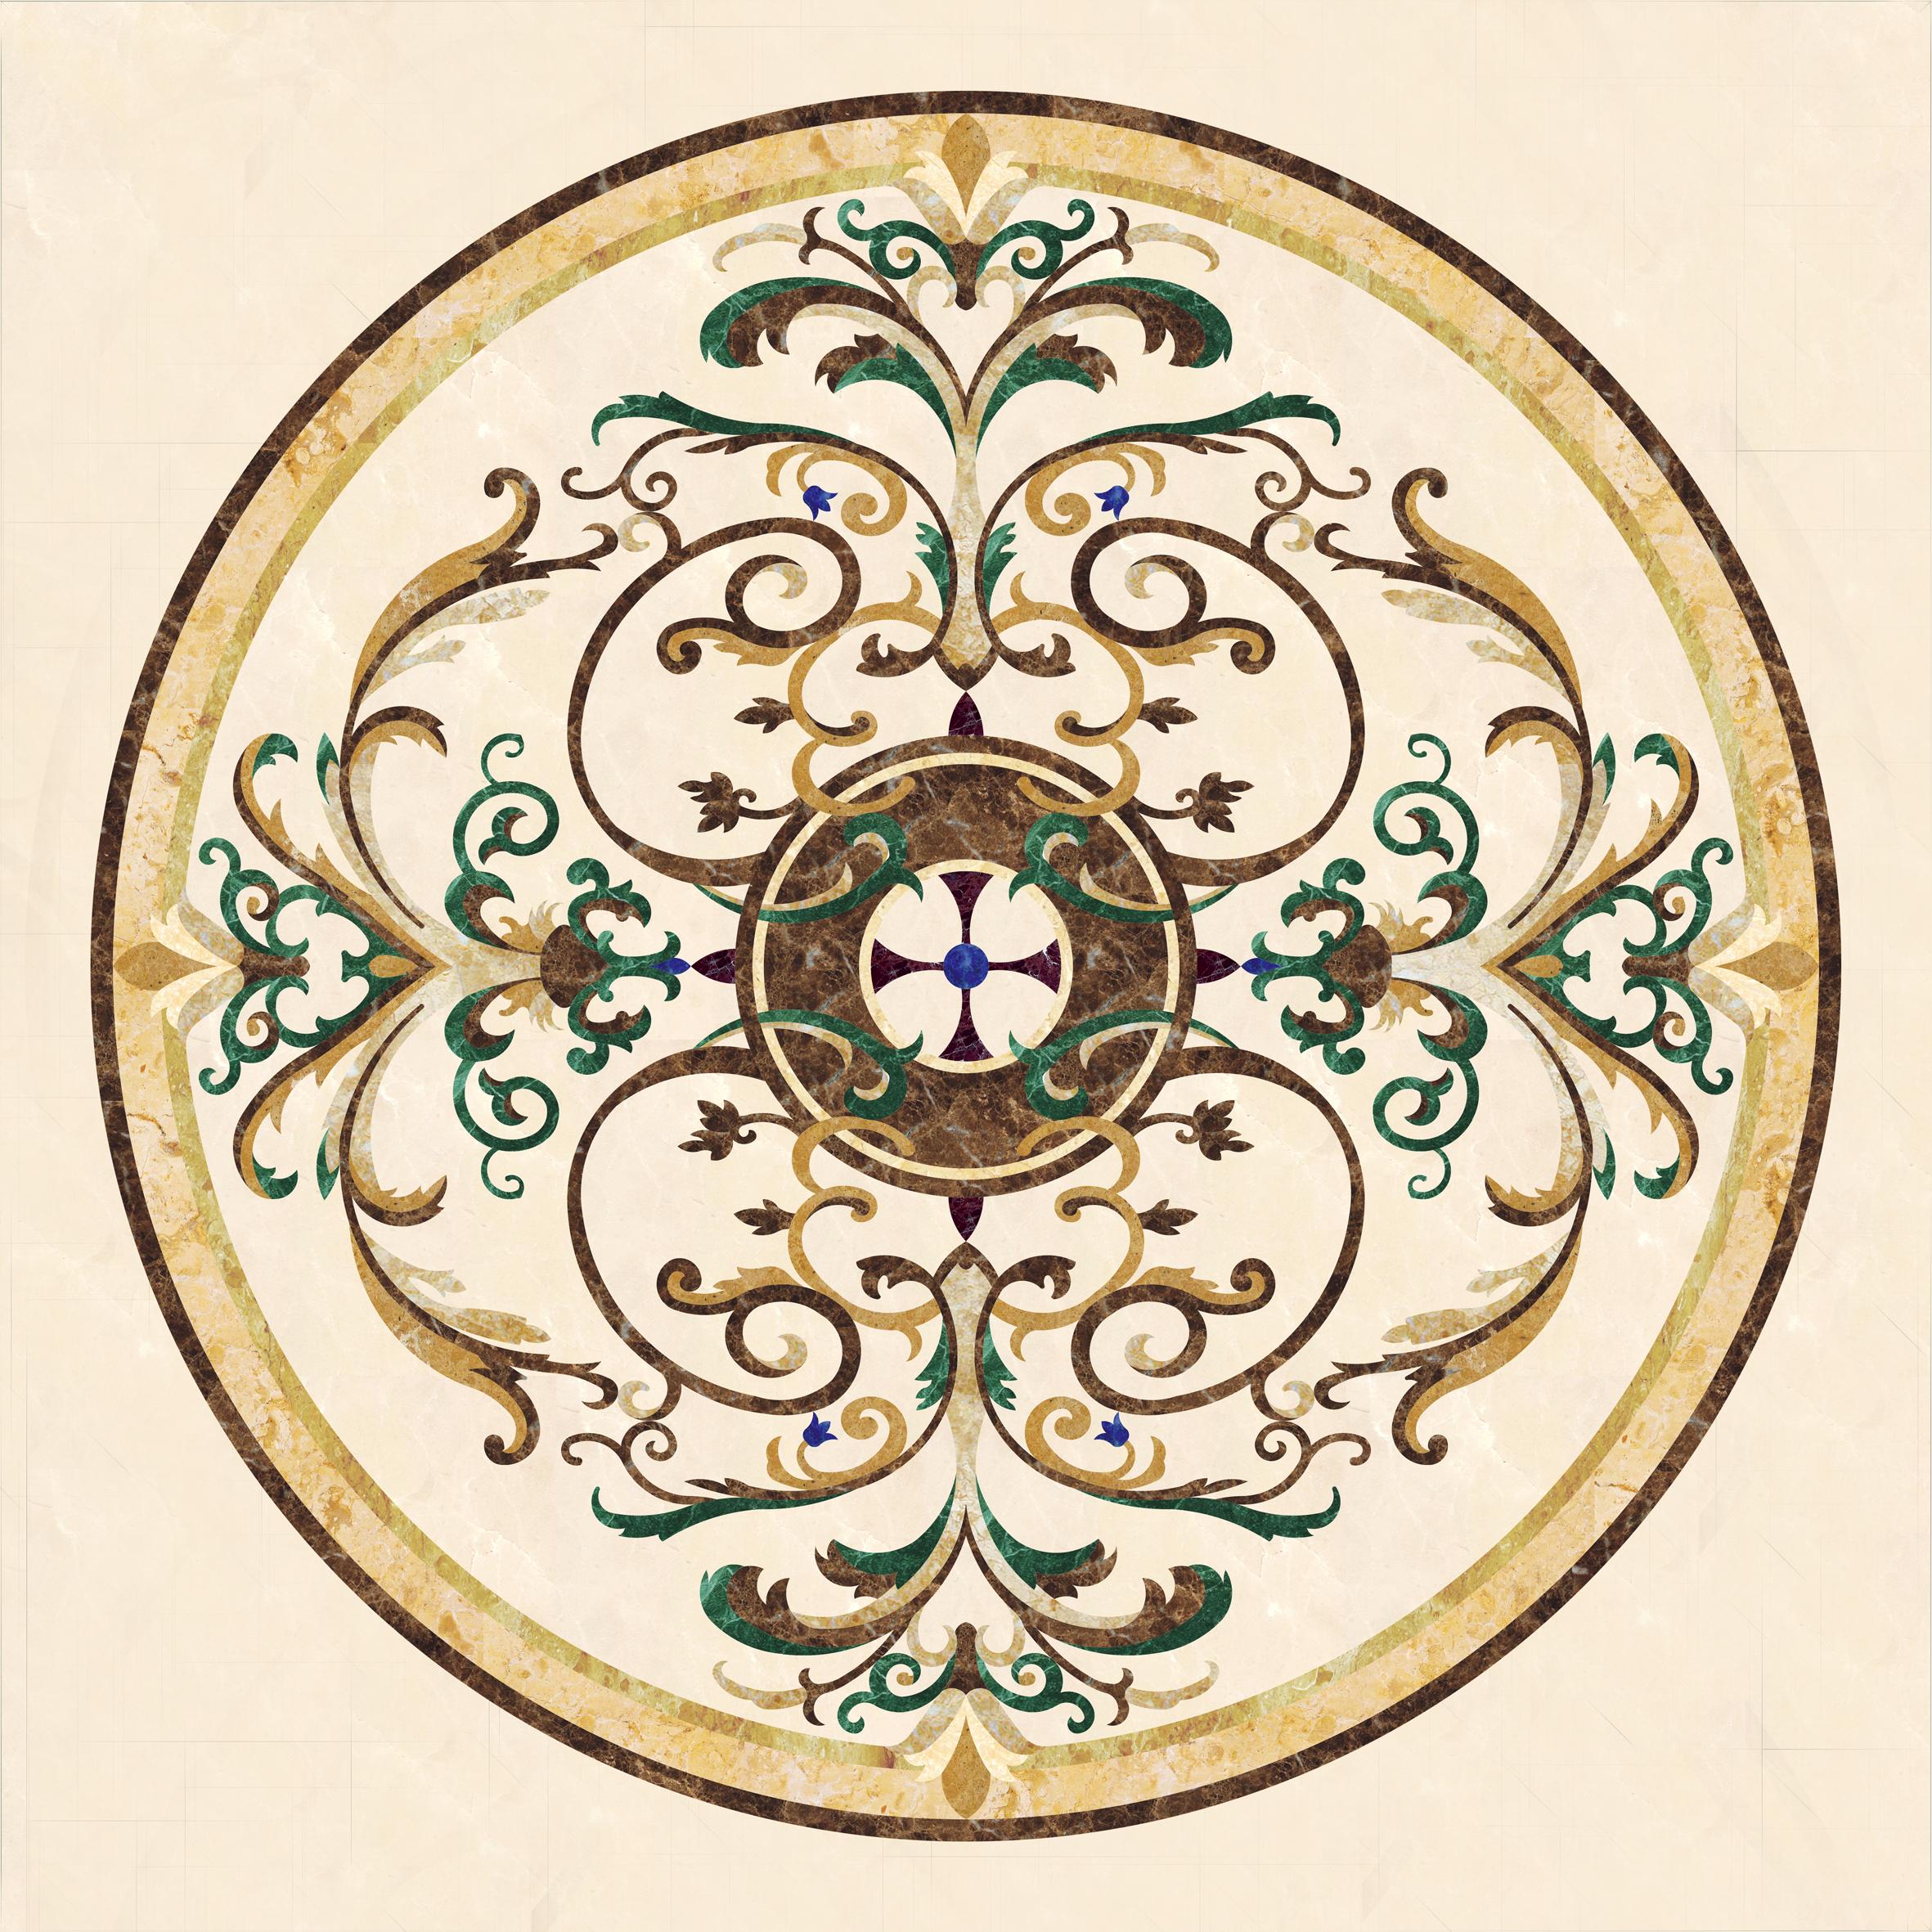 自然形状花纹图案:以无规律变化的几何形